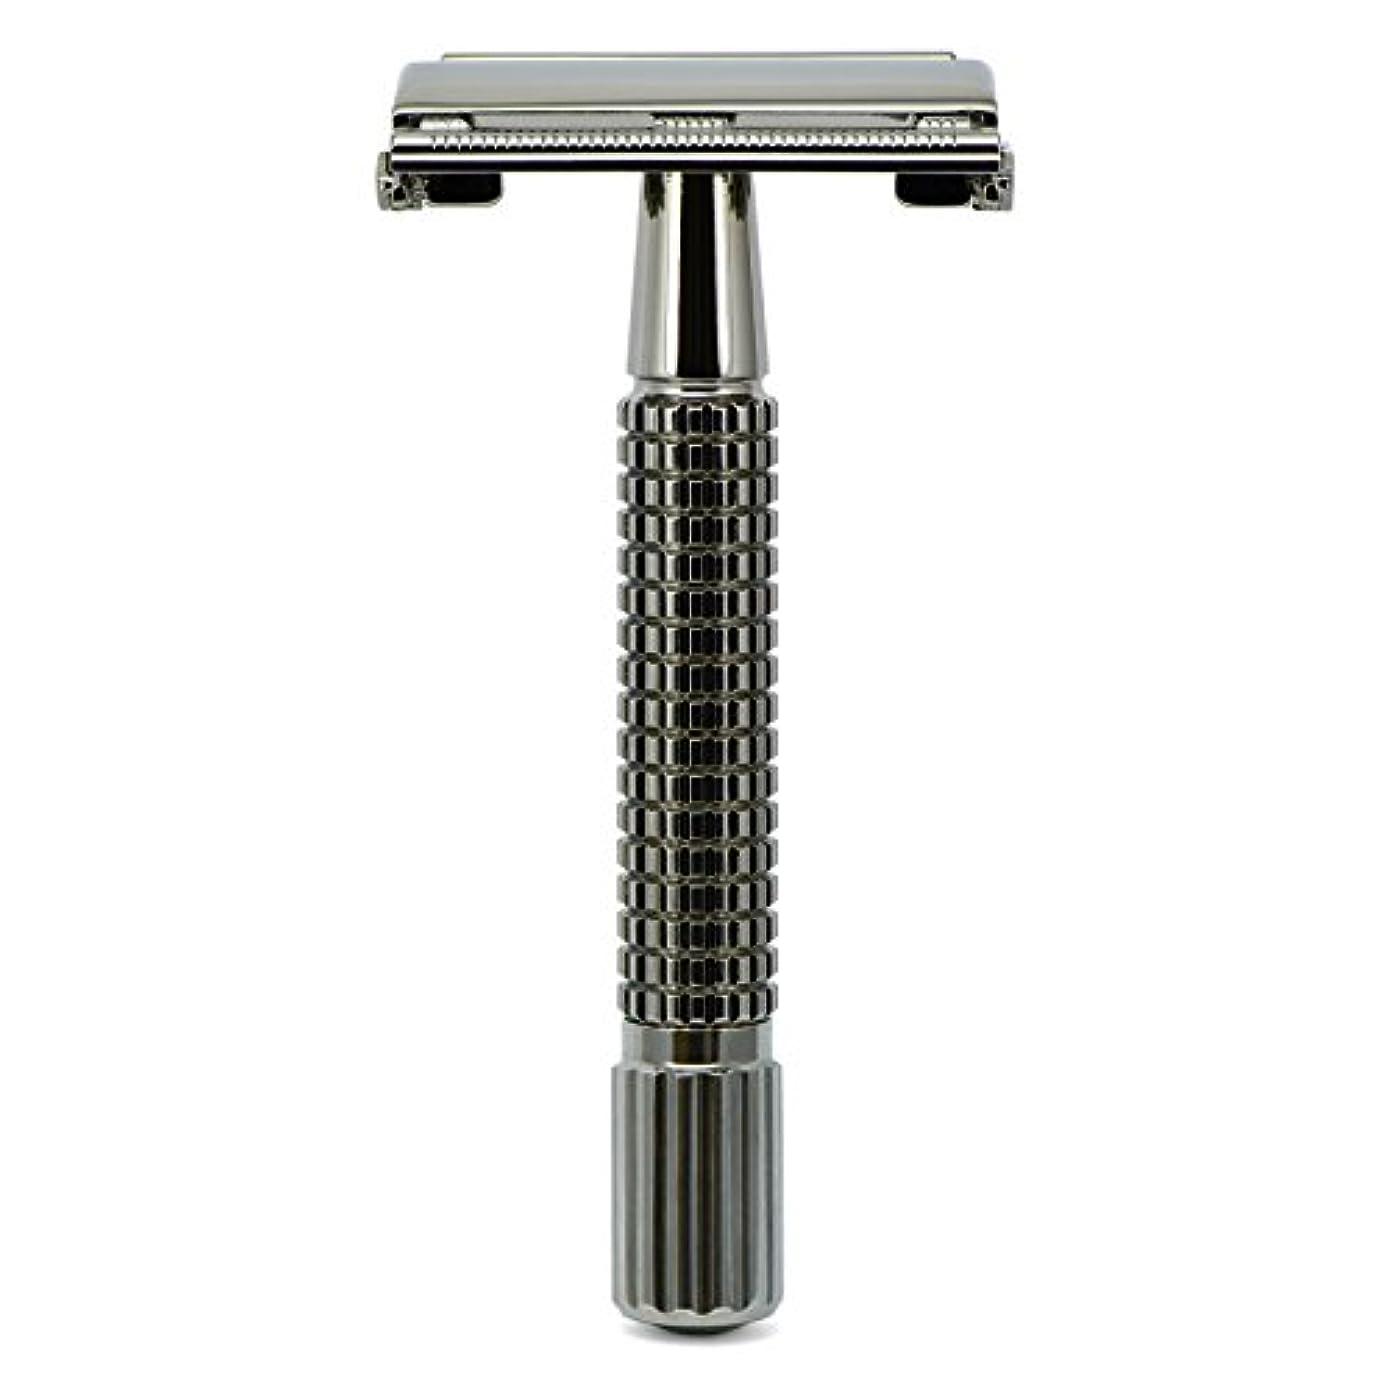 カップ植木散文G&F - Gentle Shaver Safety razor, Butterfly, black chrome, 8 cm